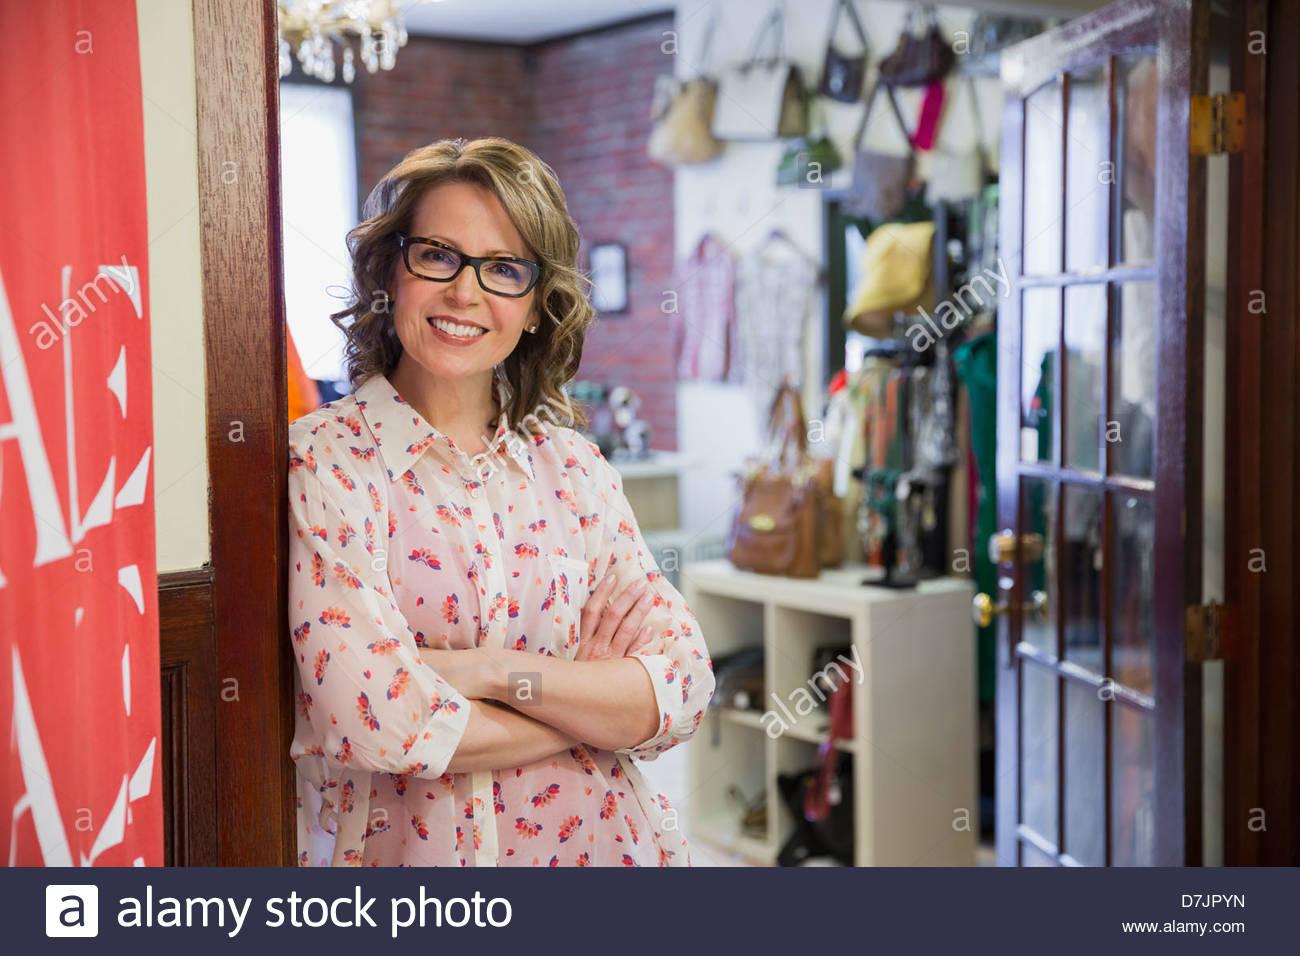 Porträt von weiblichen Kleinunternehmer im Shop Eingang Stockbild